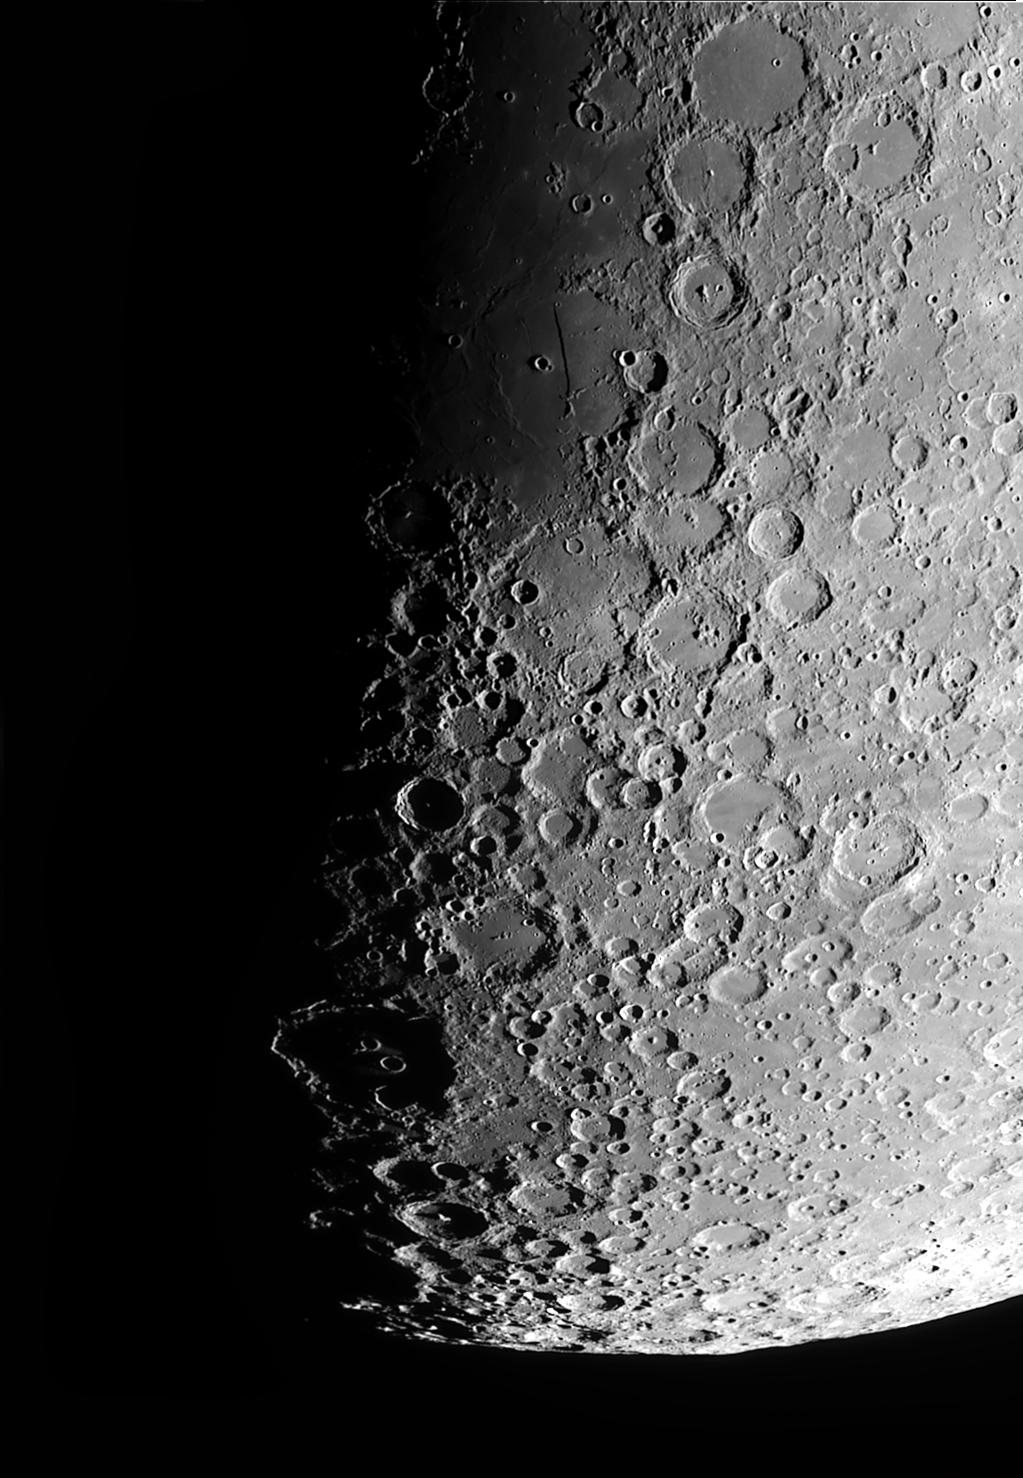 pano de la lune au 8 ème jour Panora18